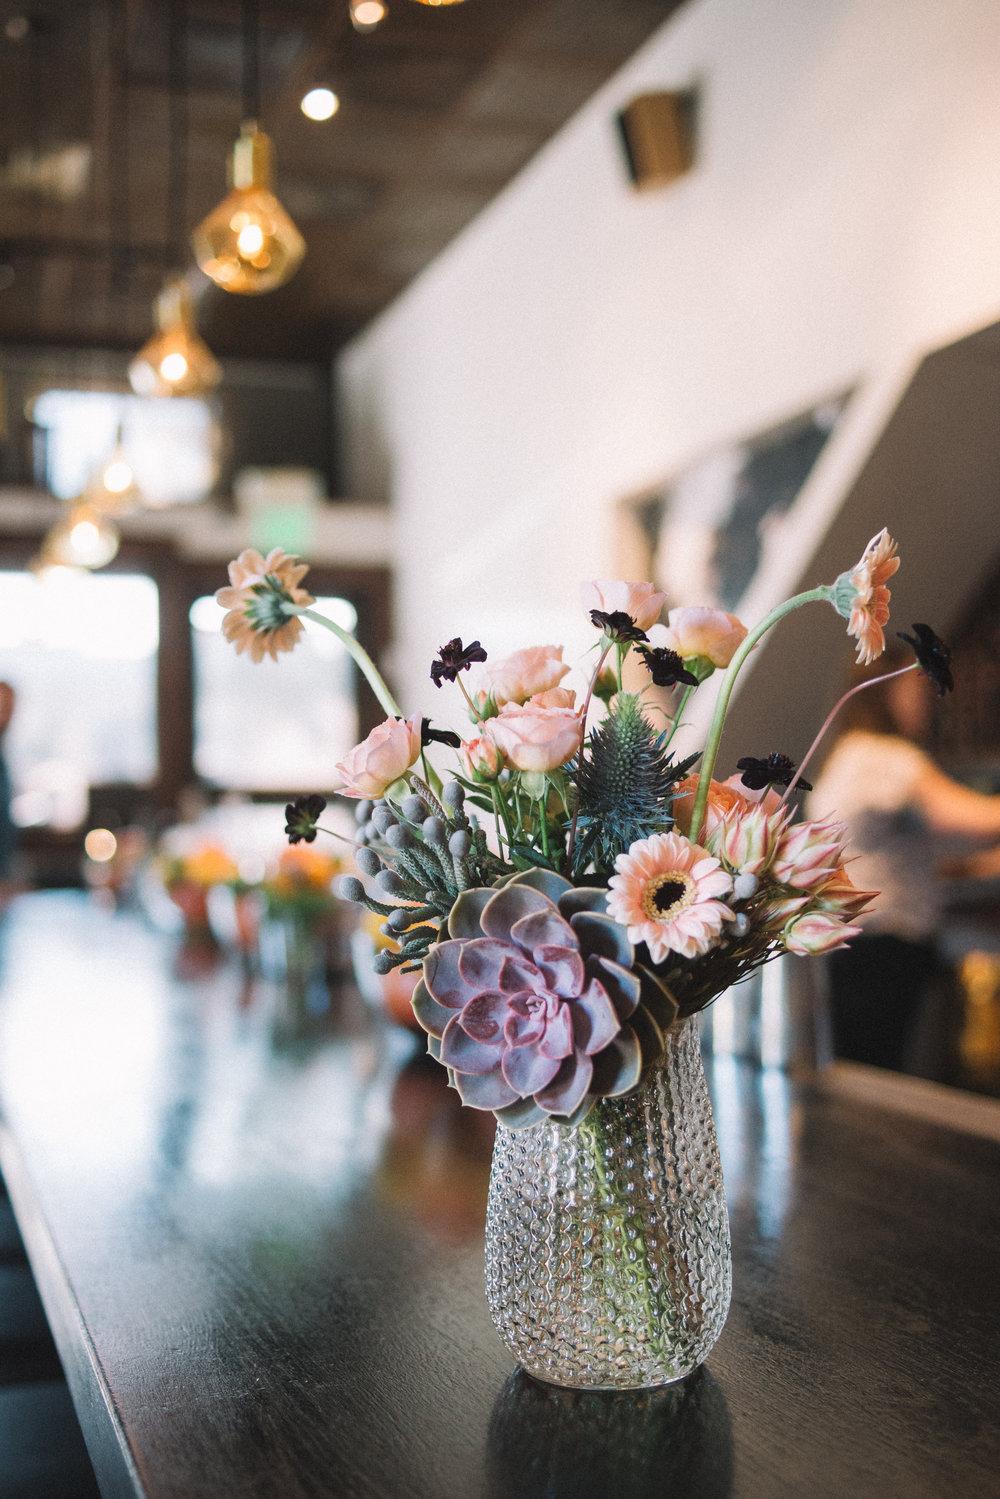 Mission de Flores | San Francisco Florist and Flower shop